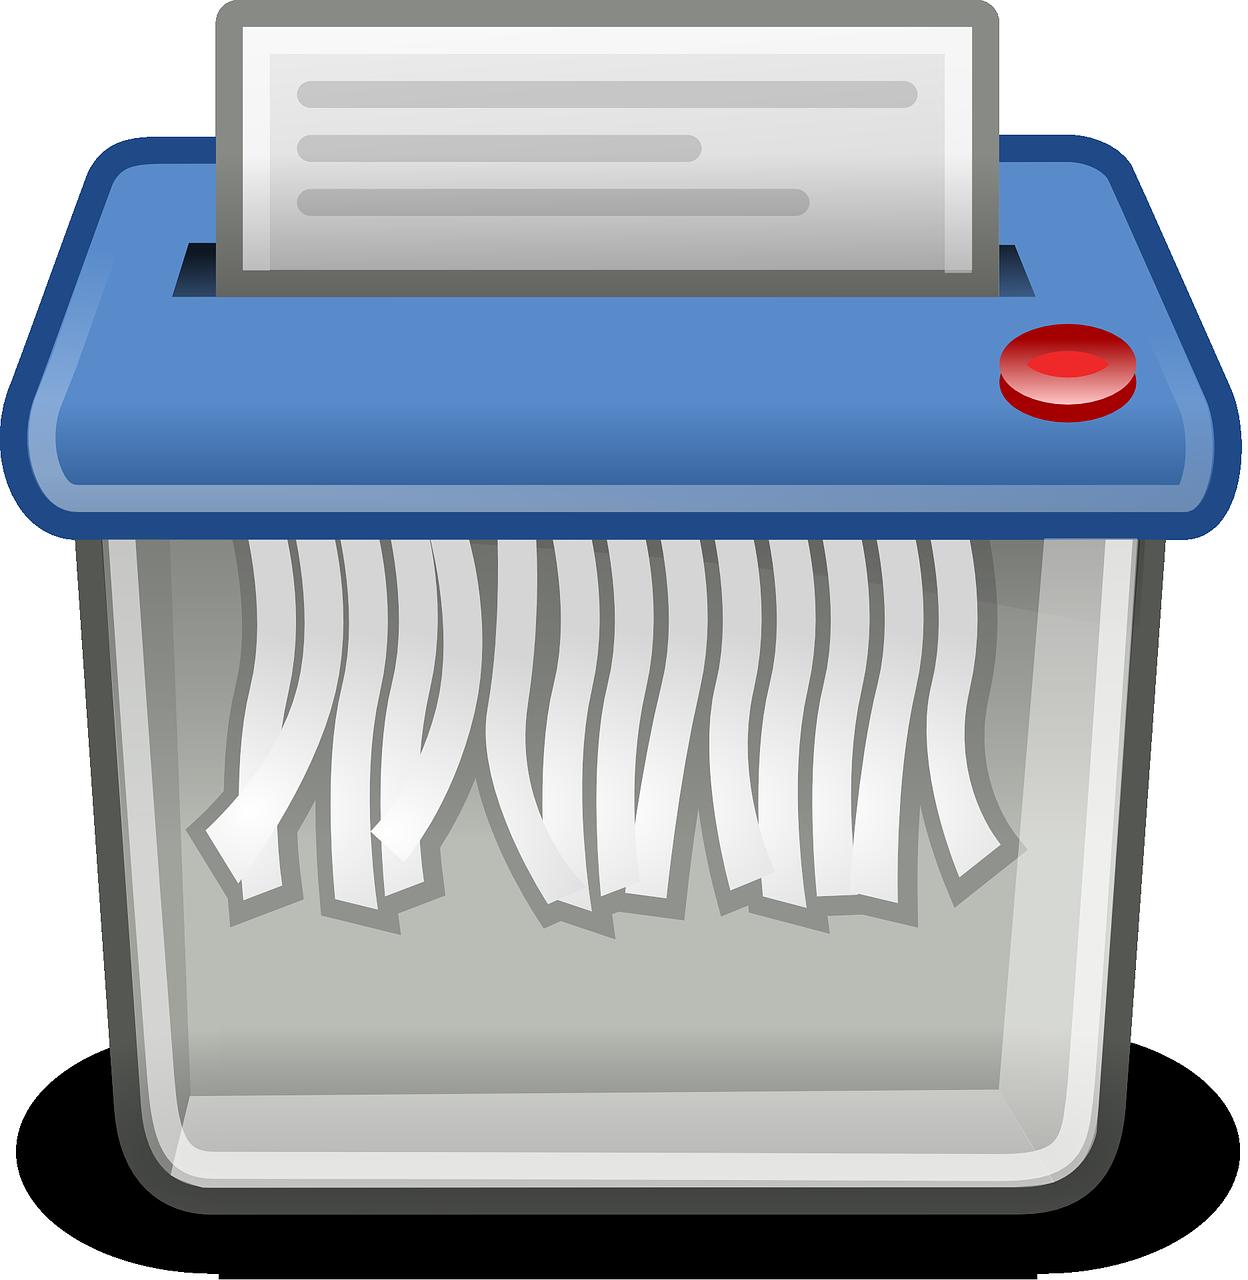 廃棄処分された戸籍と、戸籍副本について